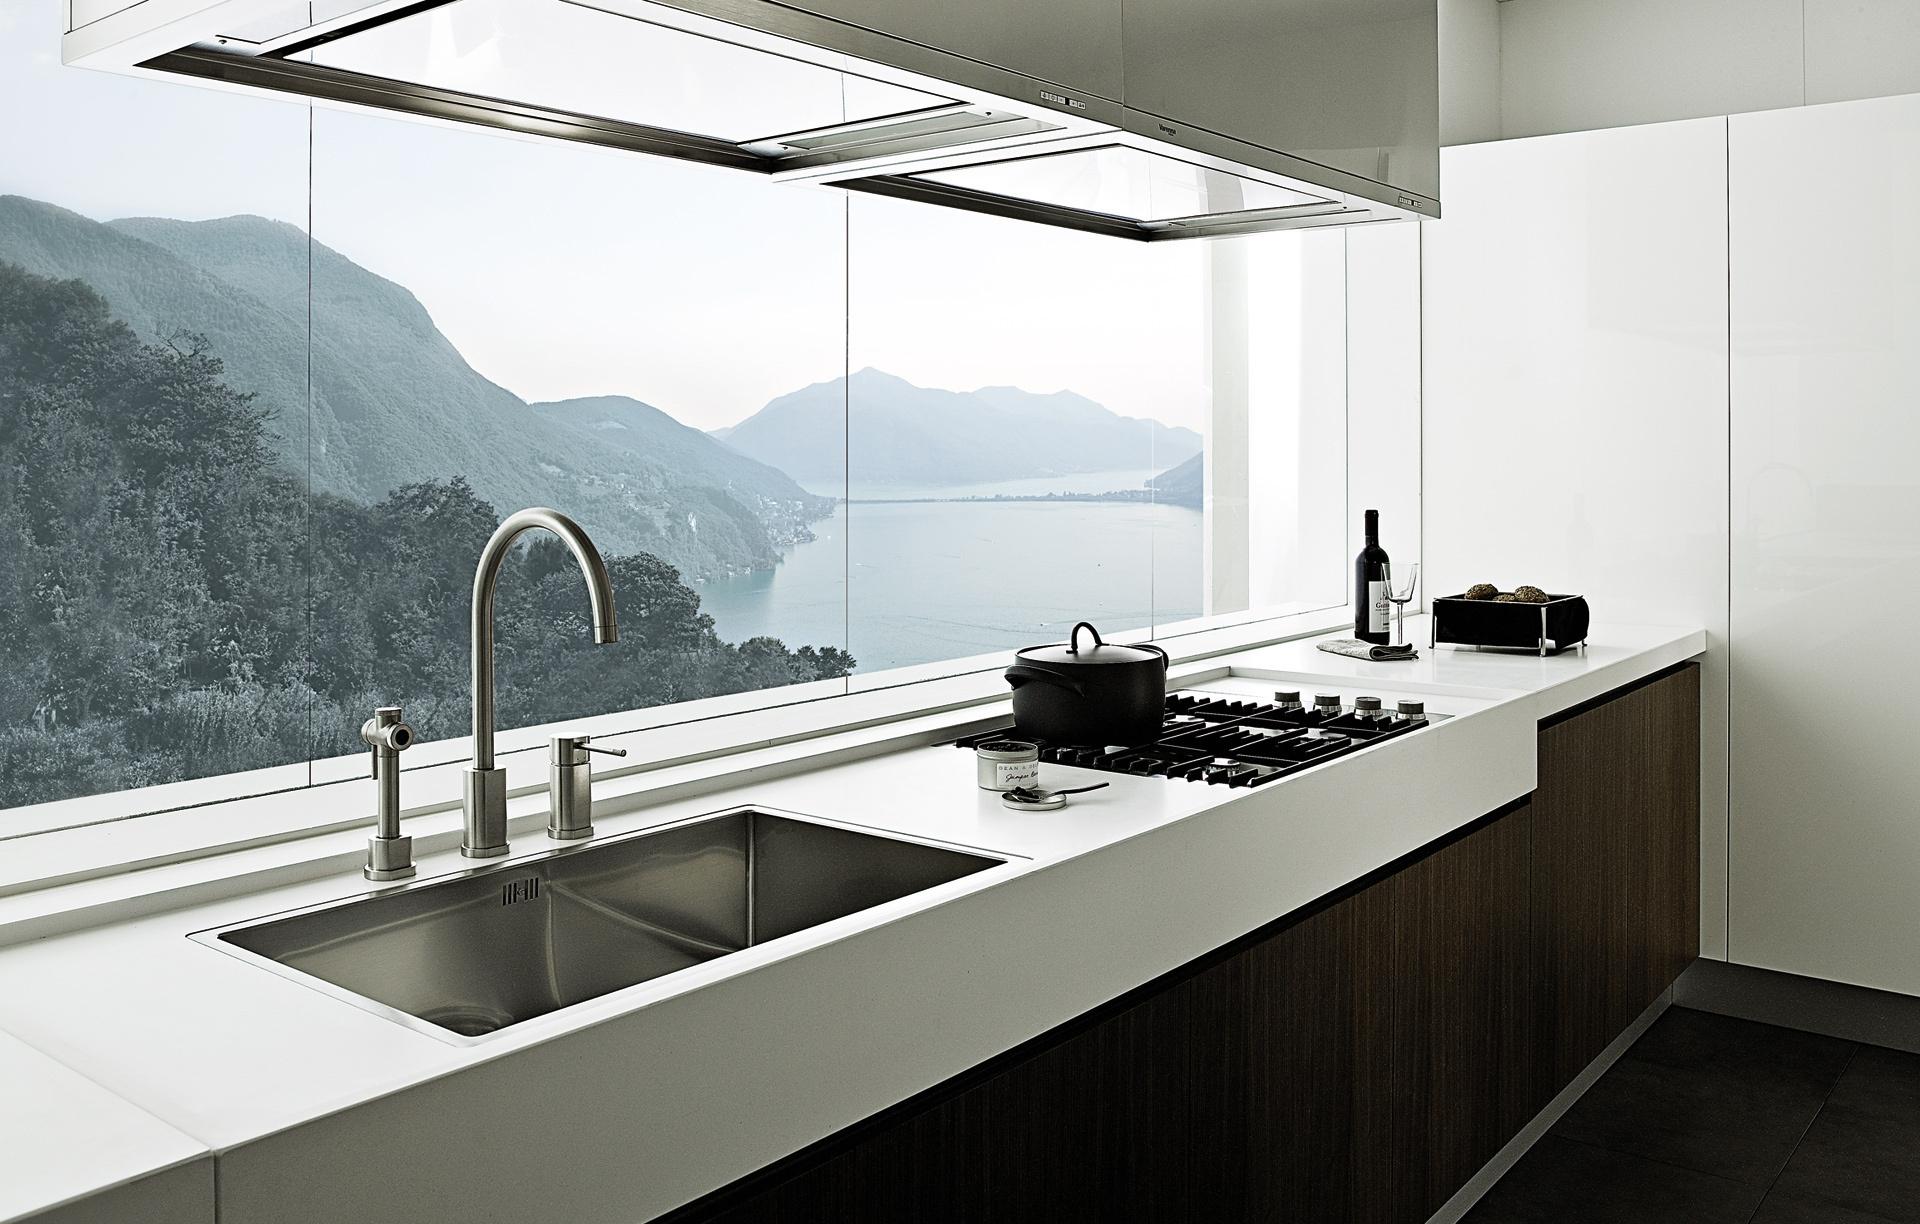 Vasca Da Cucina : Lavello da cucina vasche acciaio inox lavabo sifone ebay